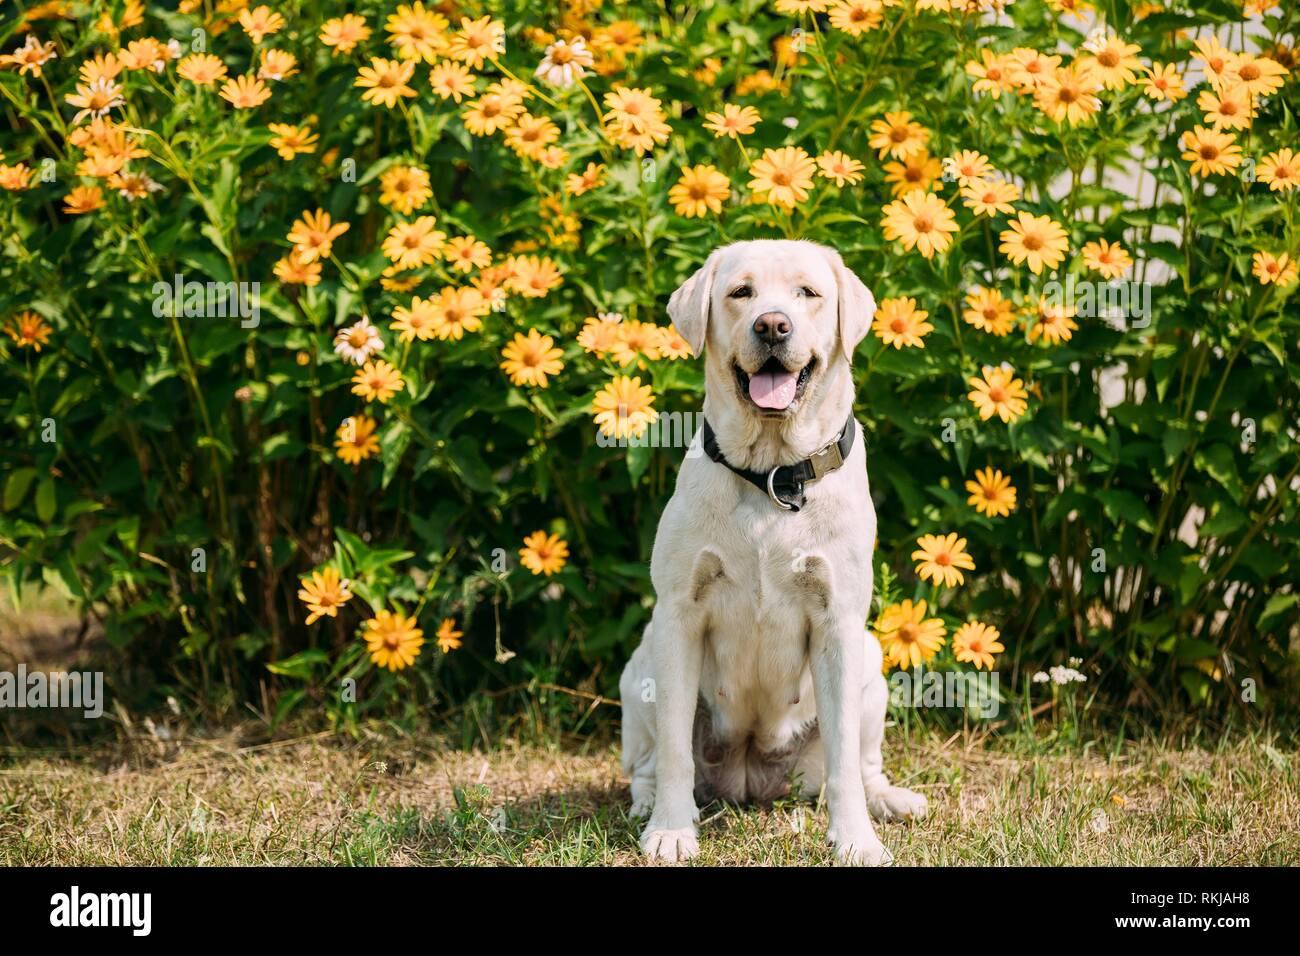 Sonriendo con la lengua, mirando a los ojos amarillo Golden Labrador hembra adulta de perro sentado posando en el jardín de césped cortado. Las flores de color amarillo brillante Foto de stock